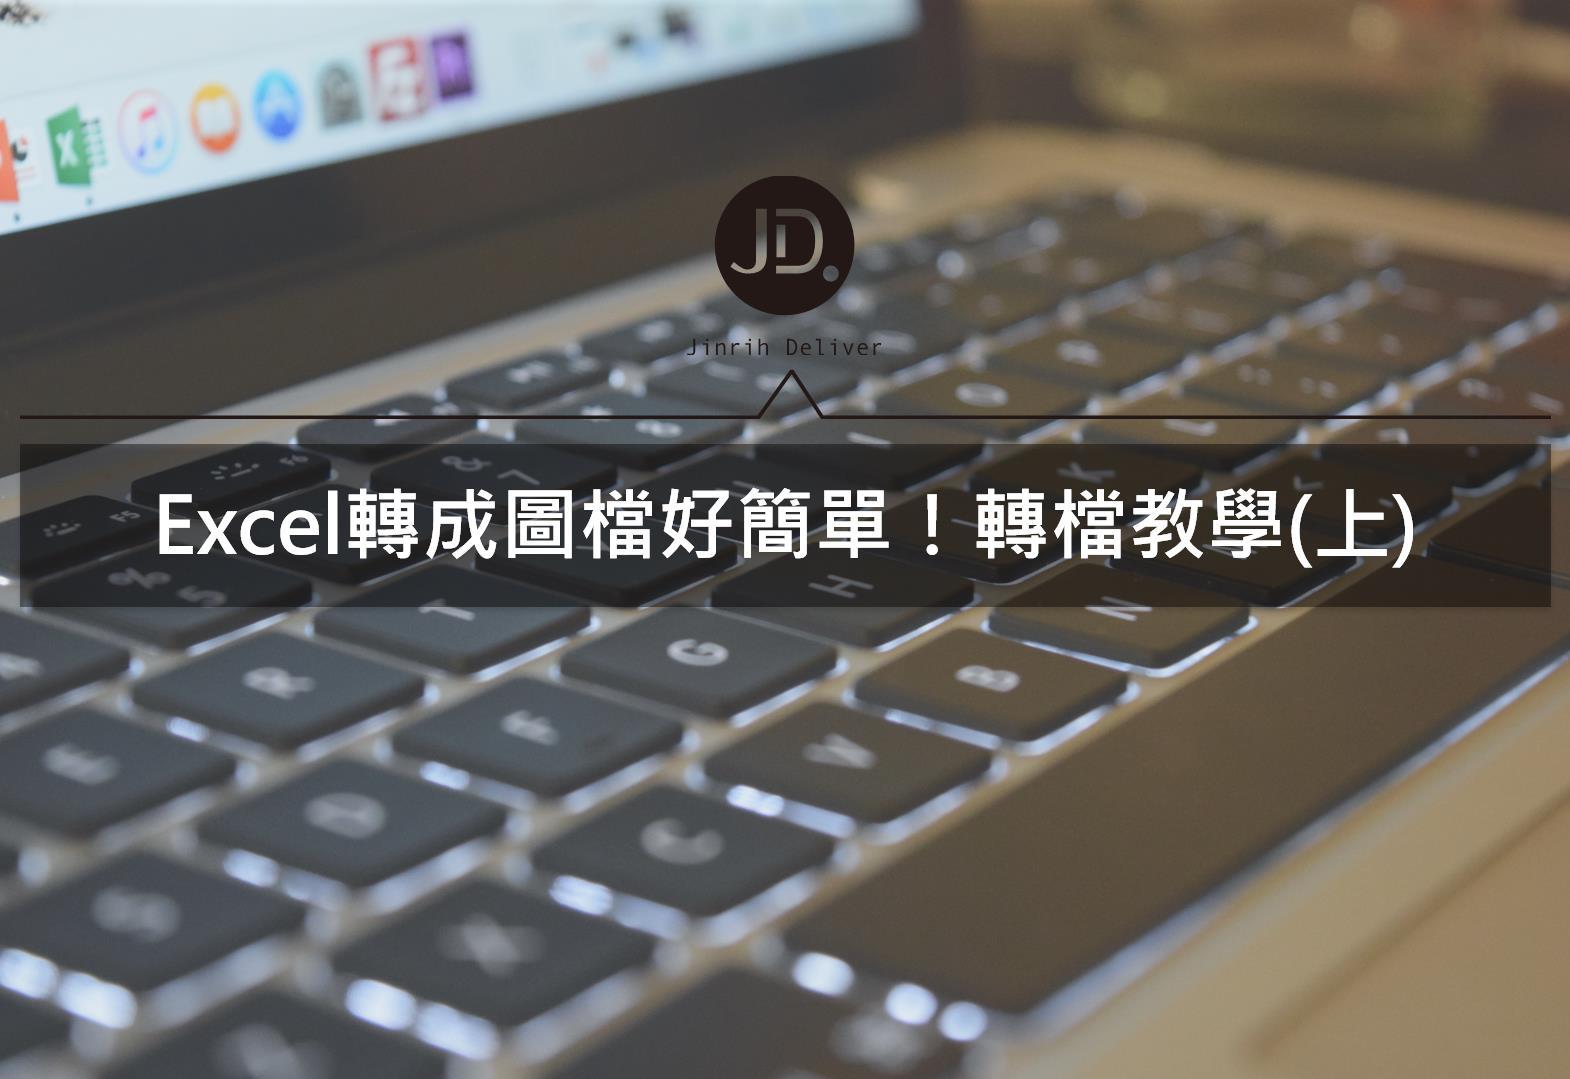 【Excel技巧】-Excel轉檔不求人,圖表轉圖片檔的方法!(上)